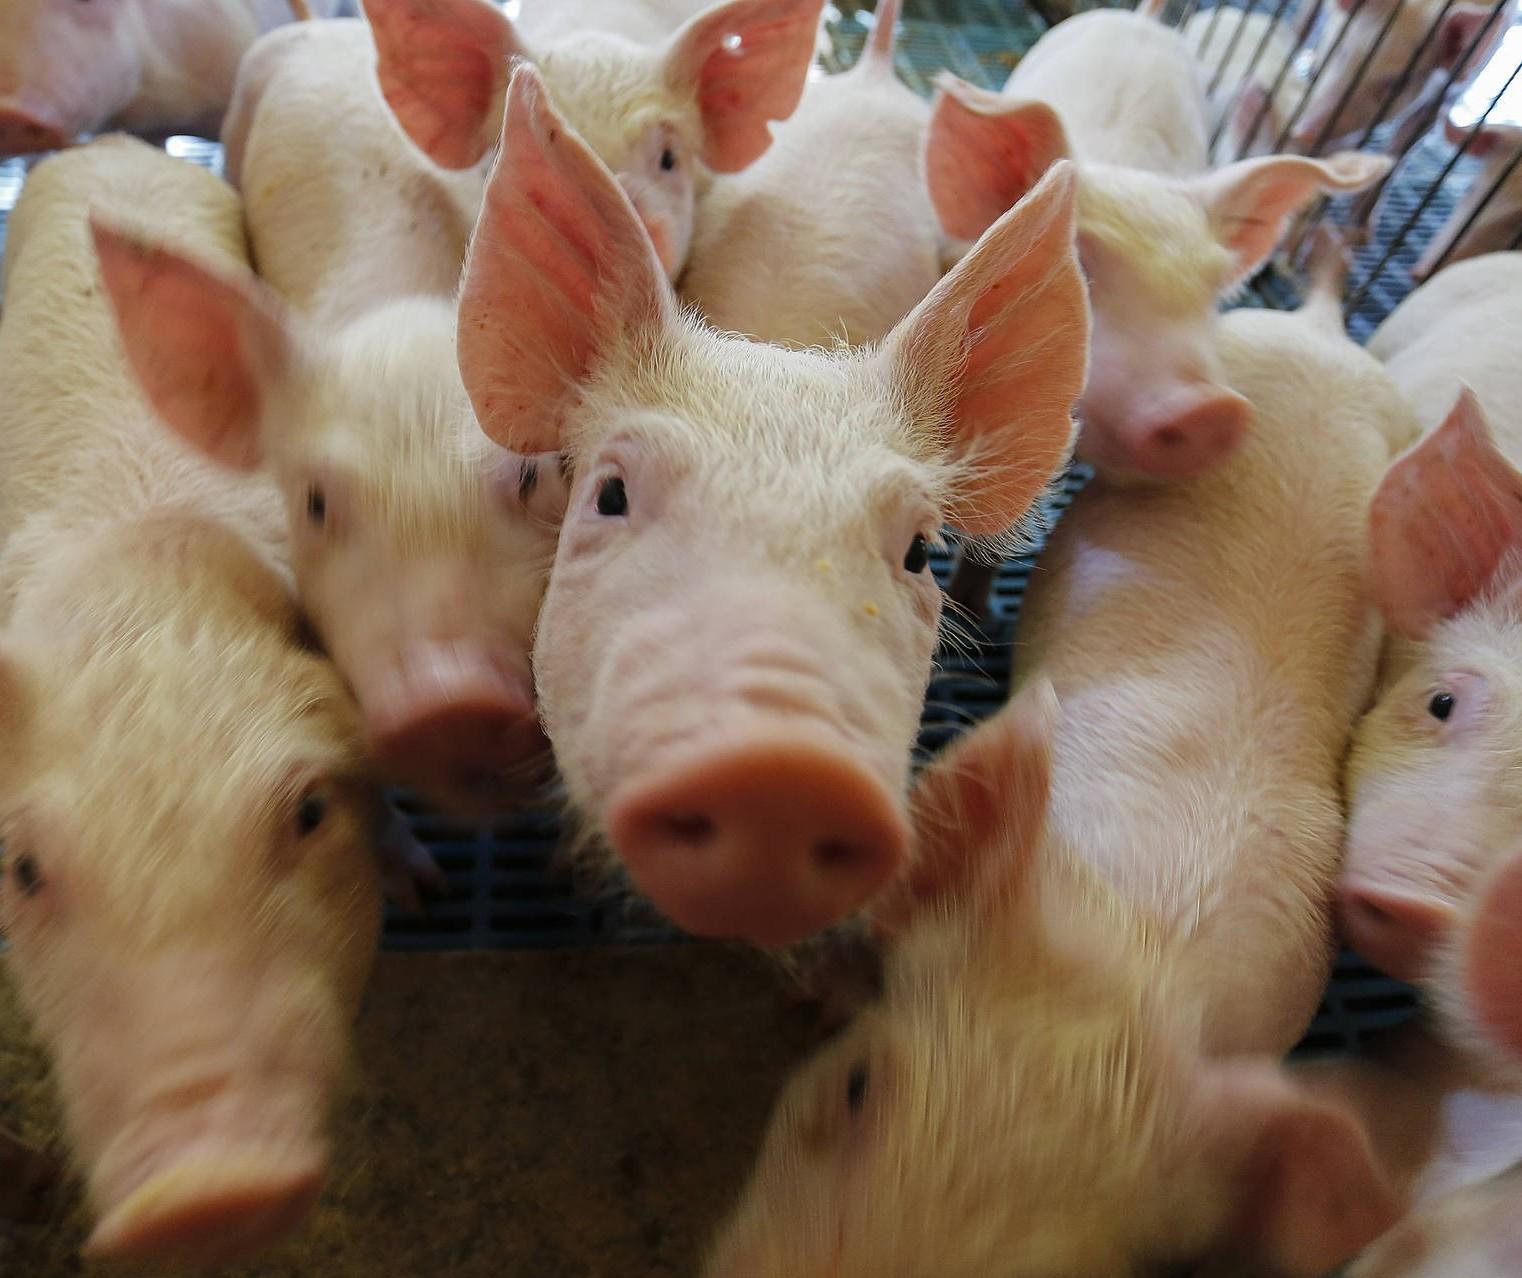 Entre estados do sul, só o Paraná evoluiu na comercialização de suínos